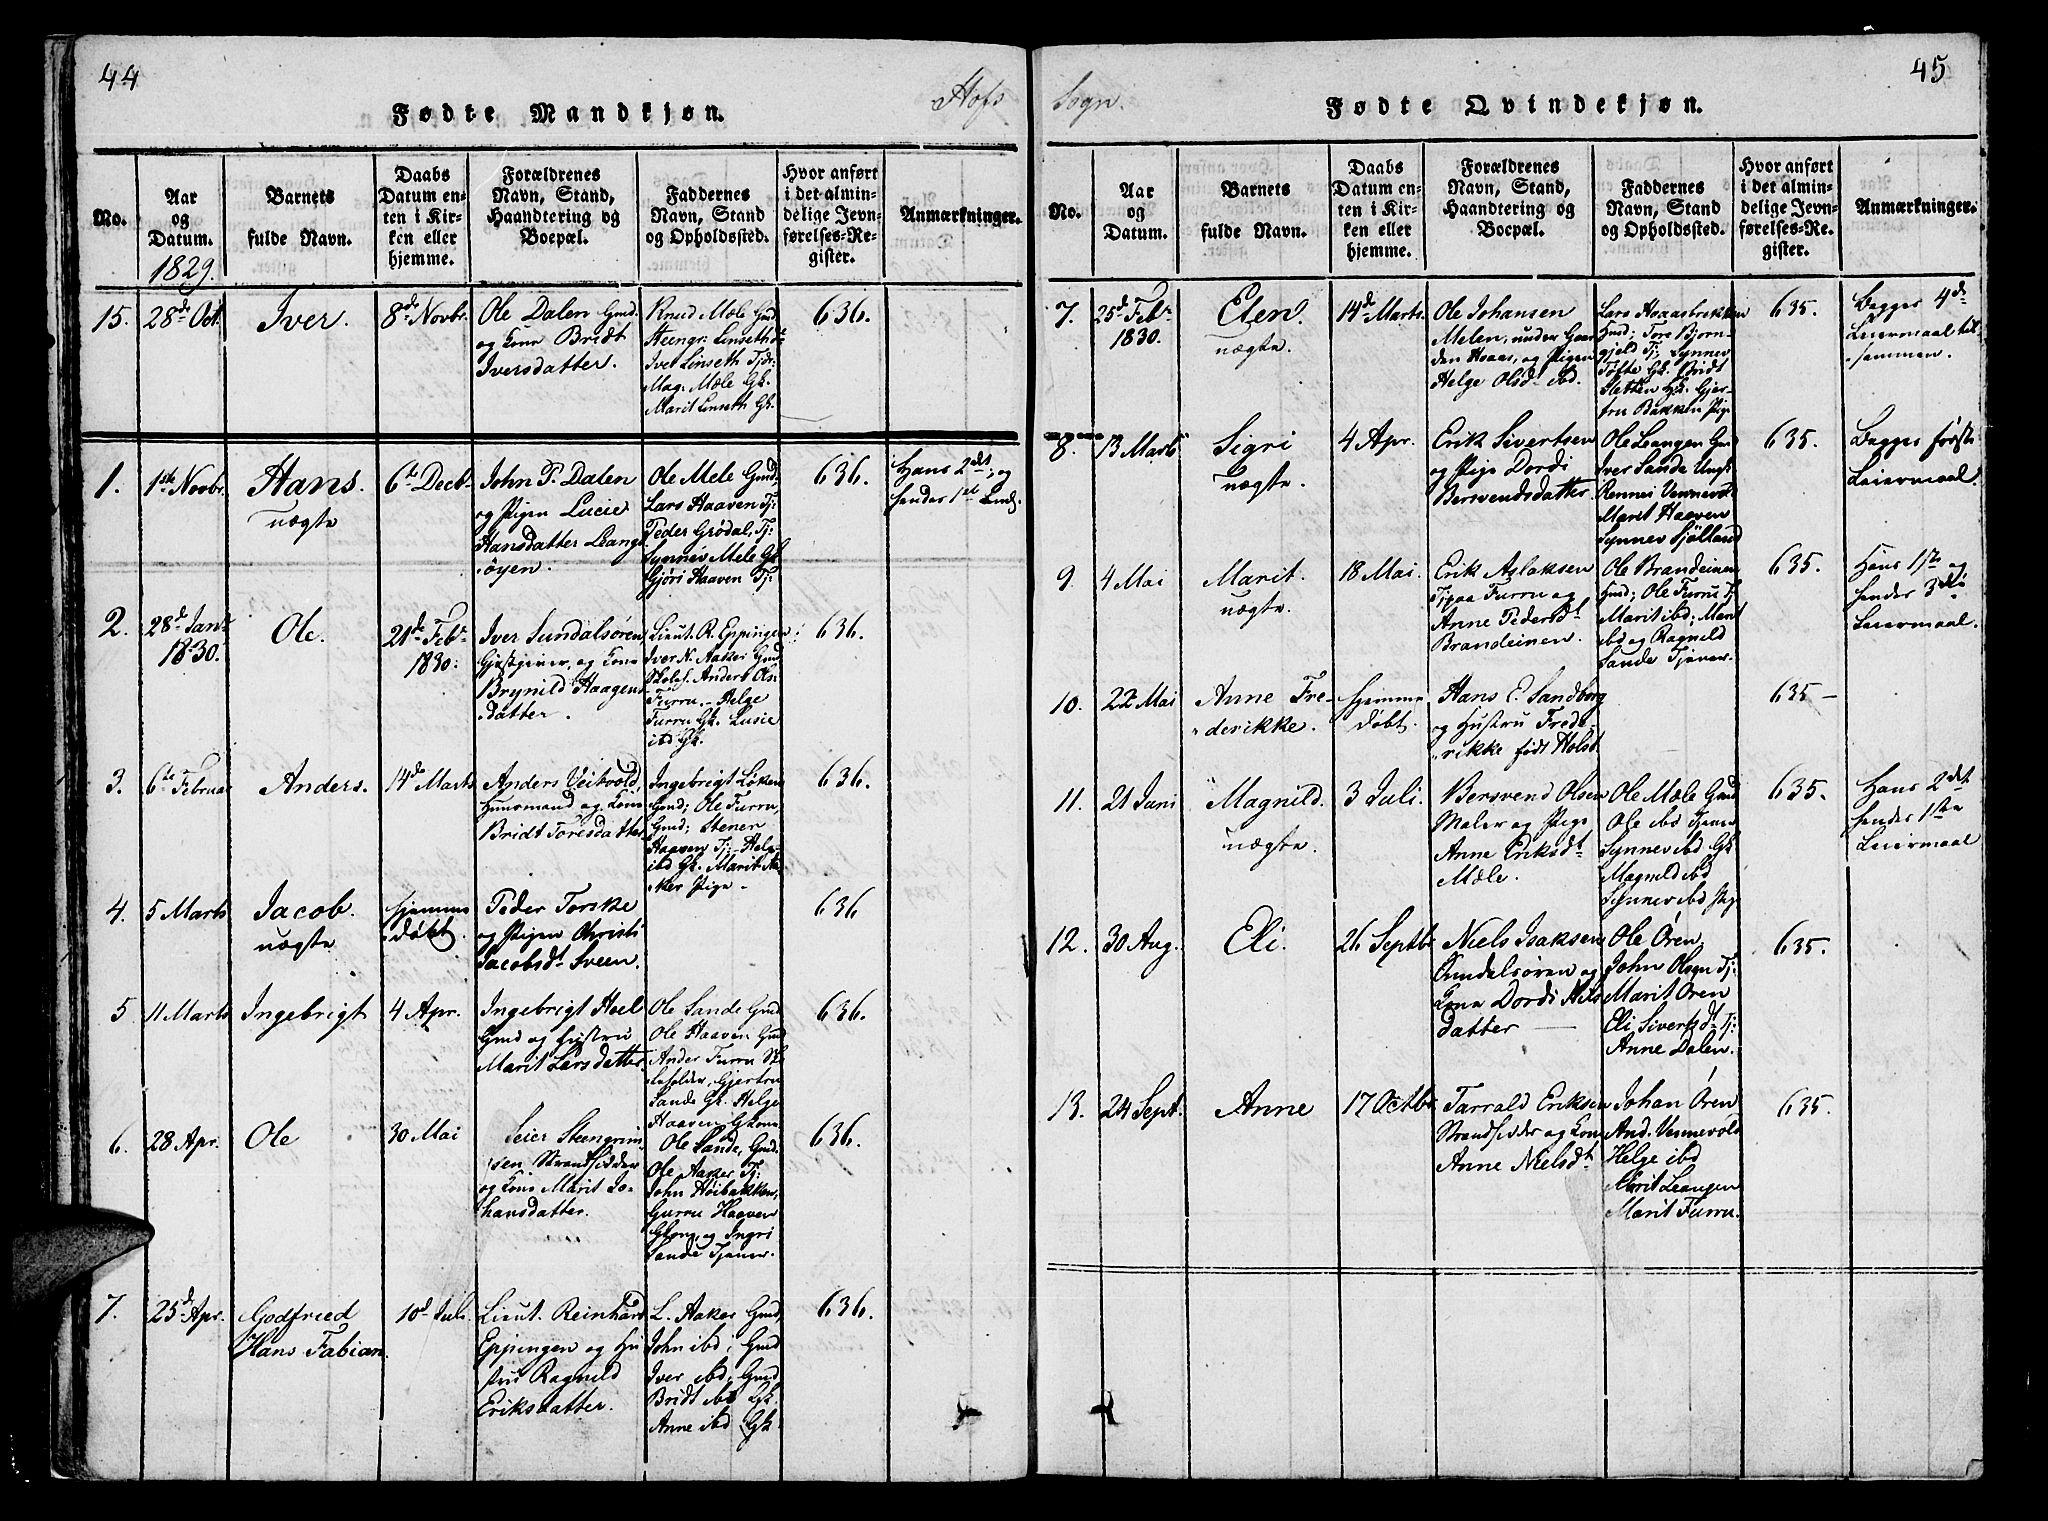 SAT, Ministerialprotokoller, klokkerbøker og fødselsregistre - Møre og Romsdal, 590/L1009: Ministerialbok nr. 590A03 /1, 1819-1832, s. 44-45